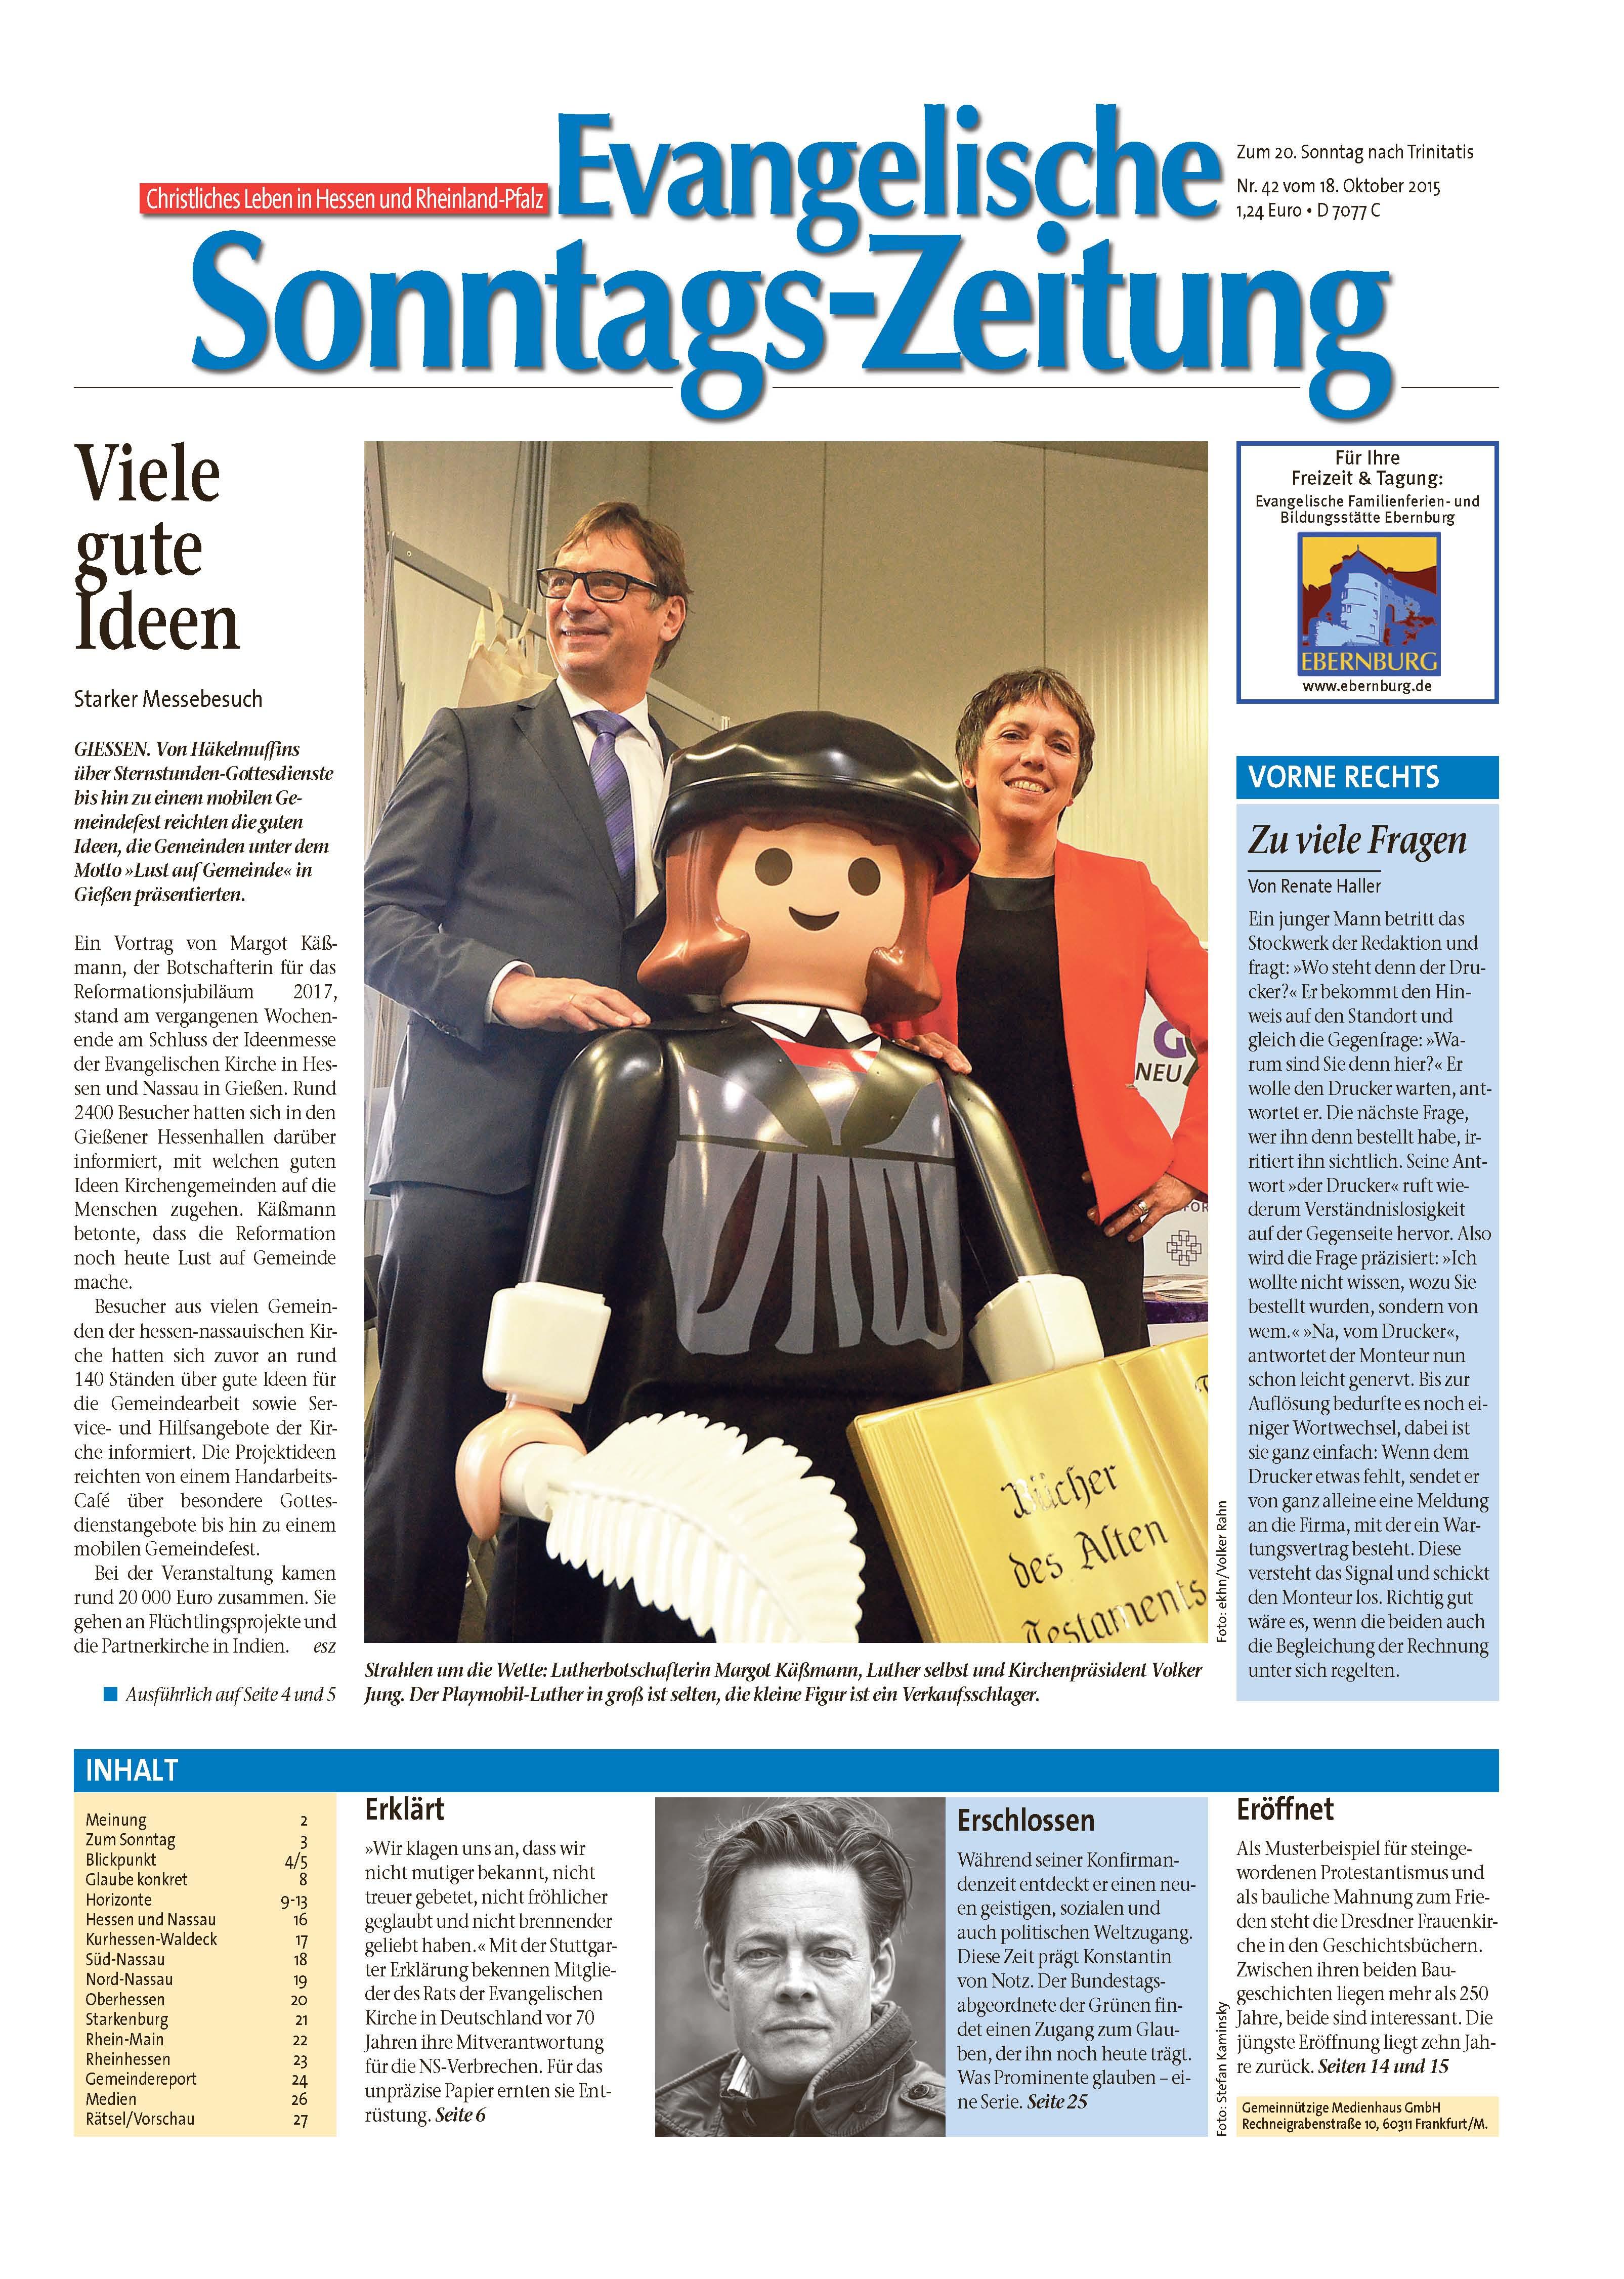 Evangelische Sonntags-Zeitung - Leseprobe